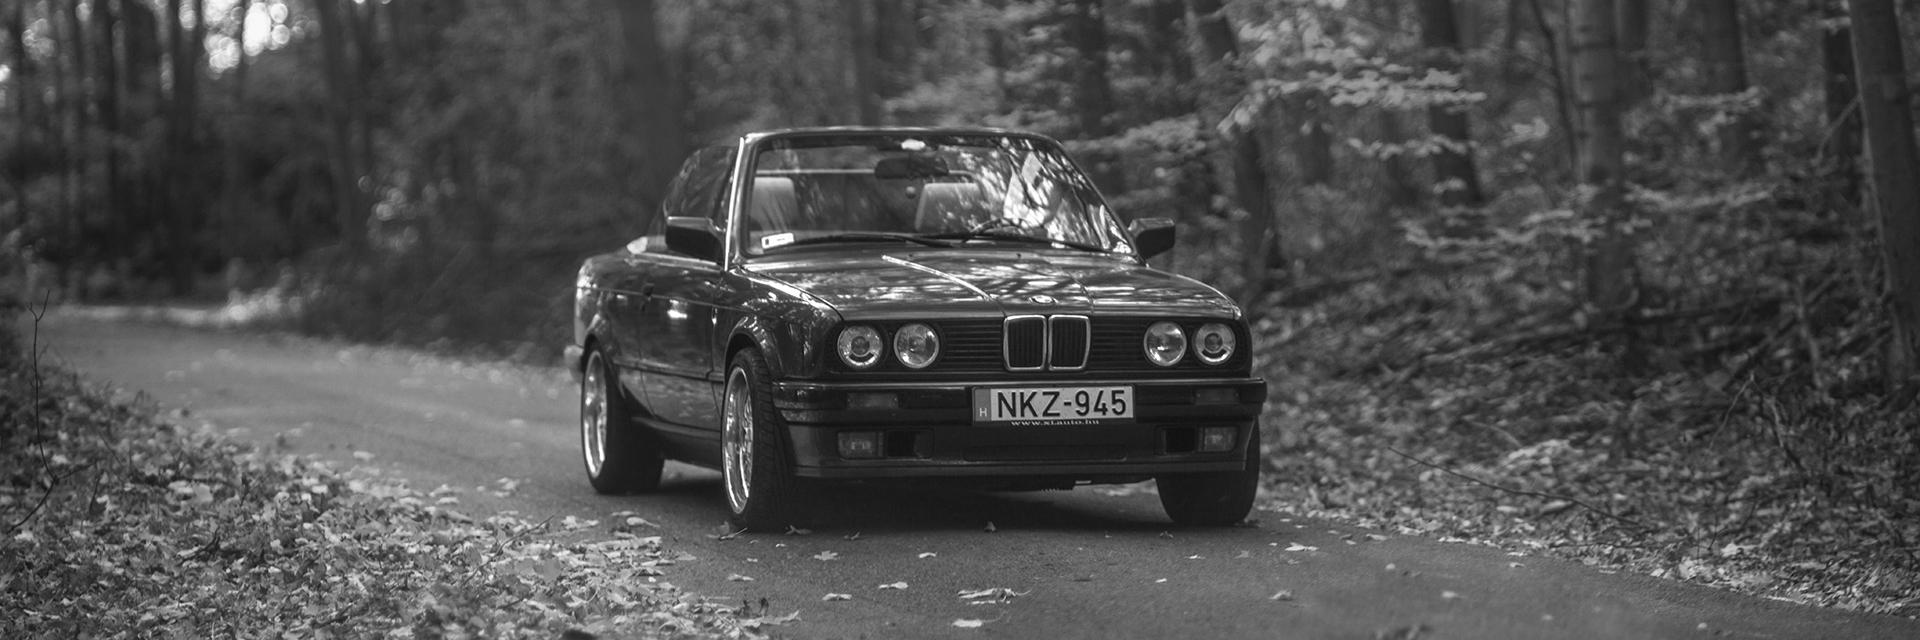 SMARAGD ÉREM - BMW e30 318i